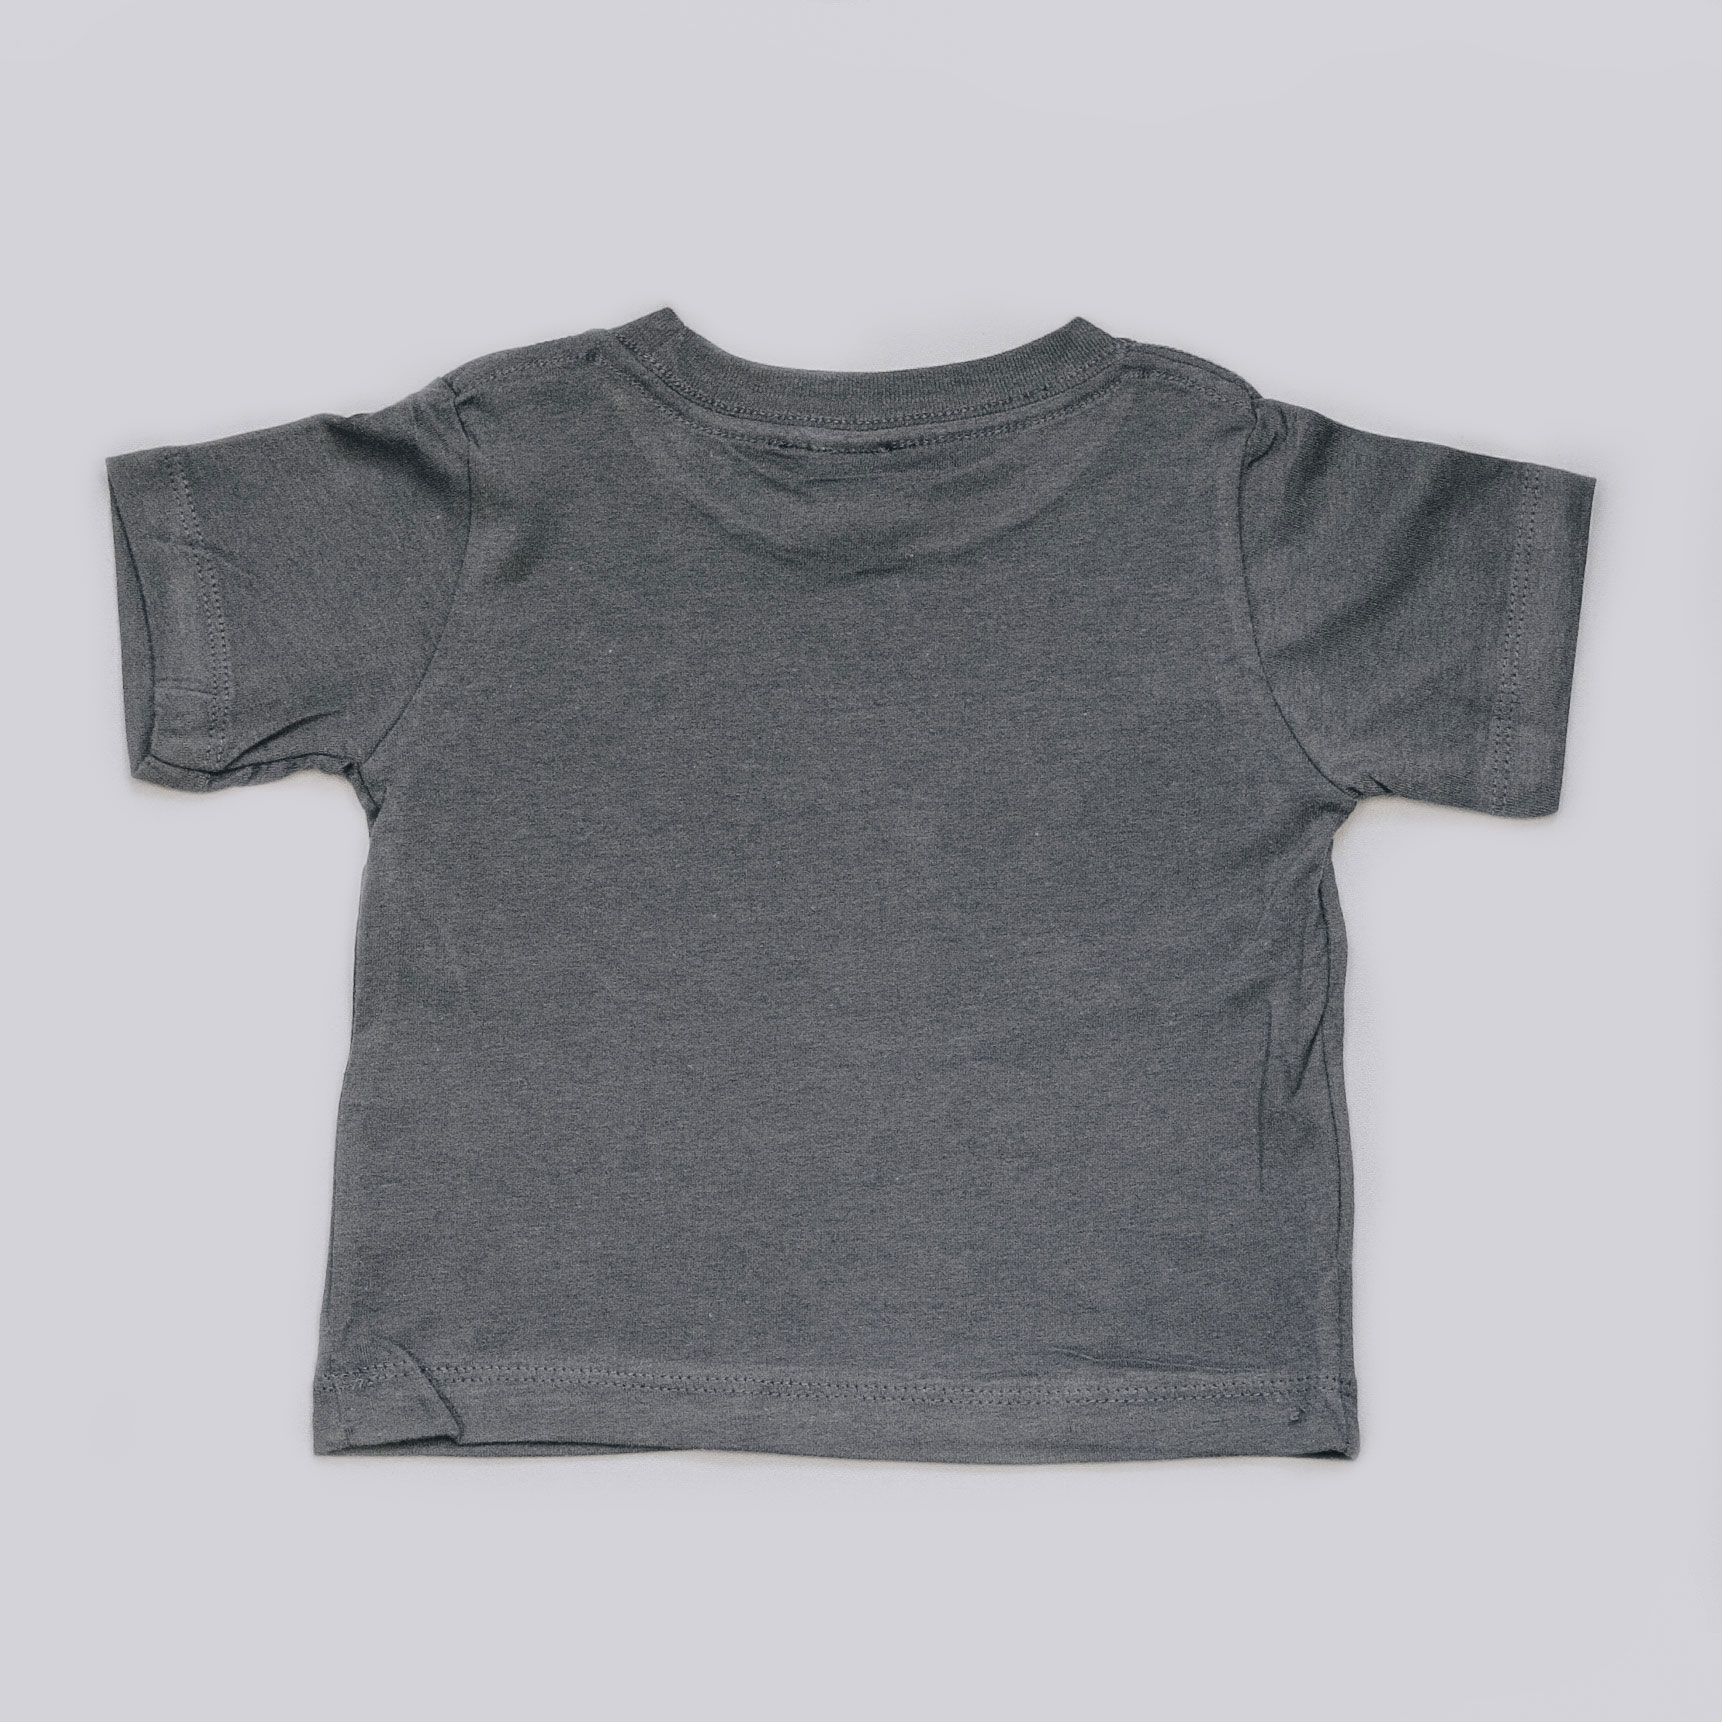 Tričko Brouček tmavé